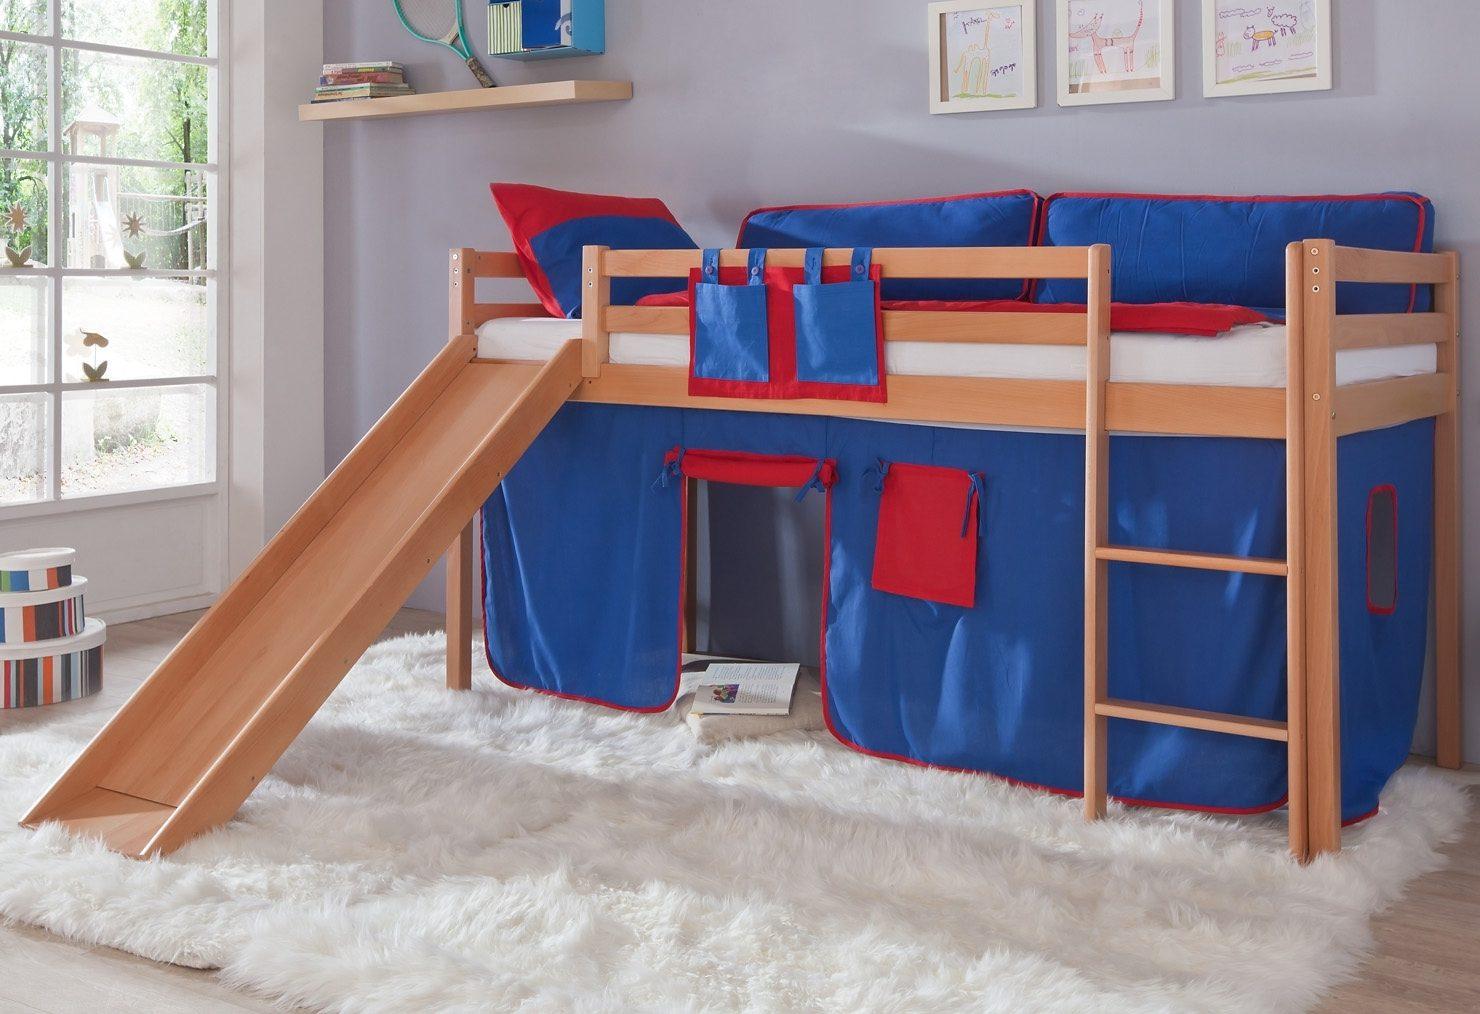 Vorhang Set Etagenbett : Relita hochbett set tlg u eu etobyu cu c online kaufen otto